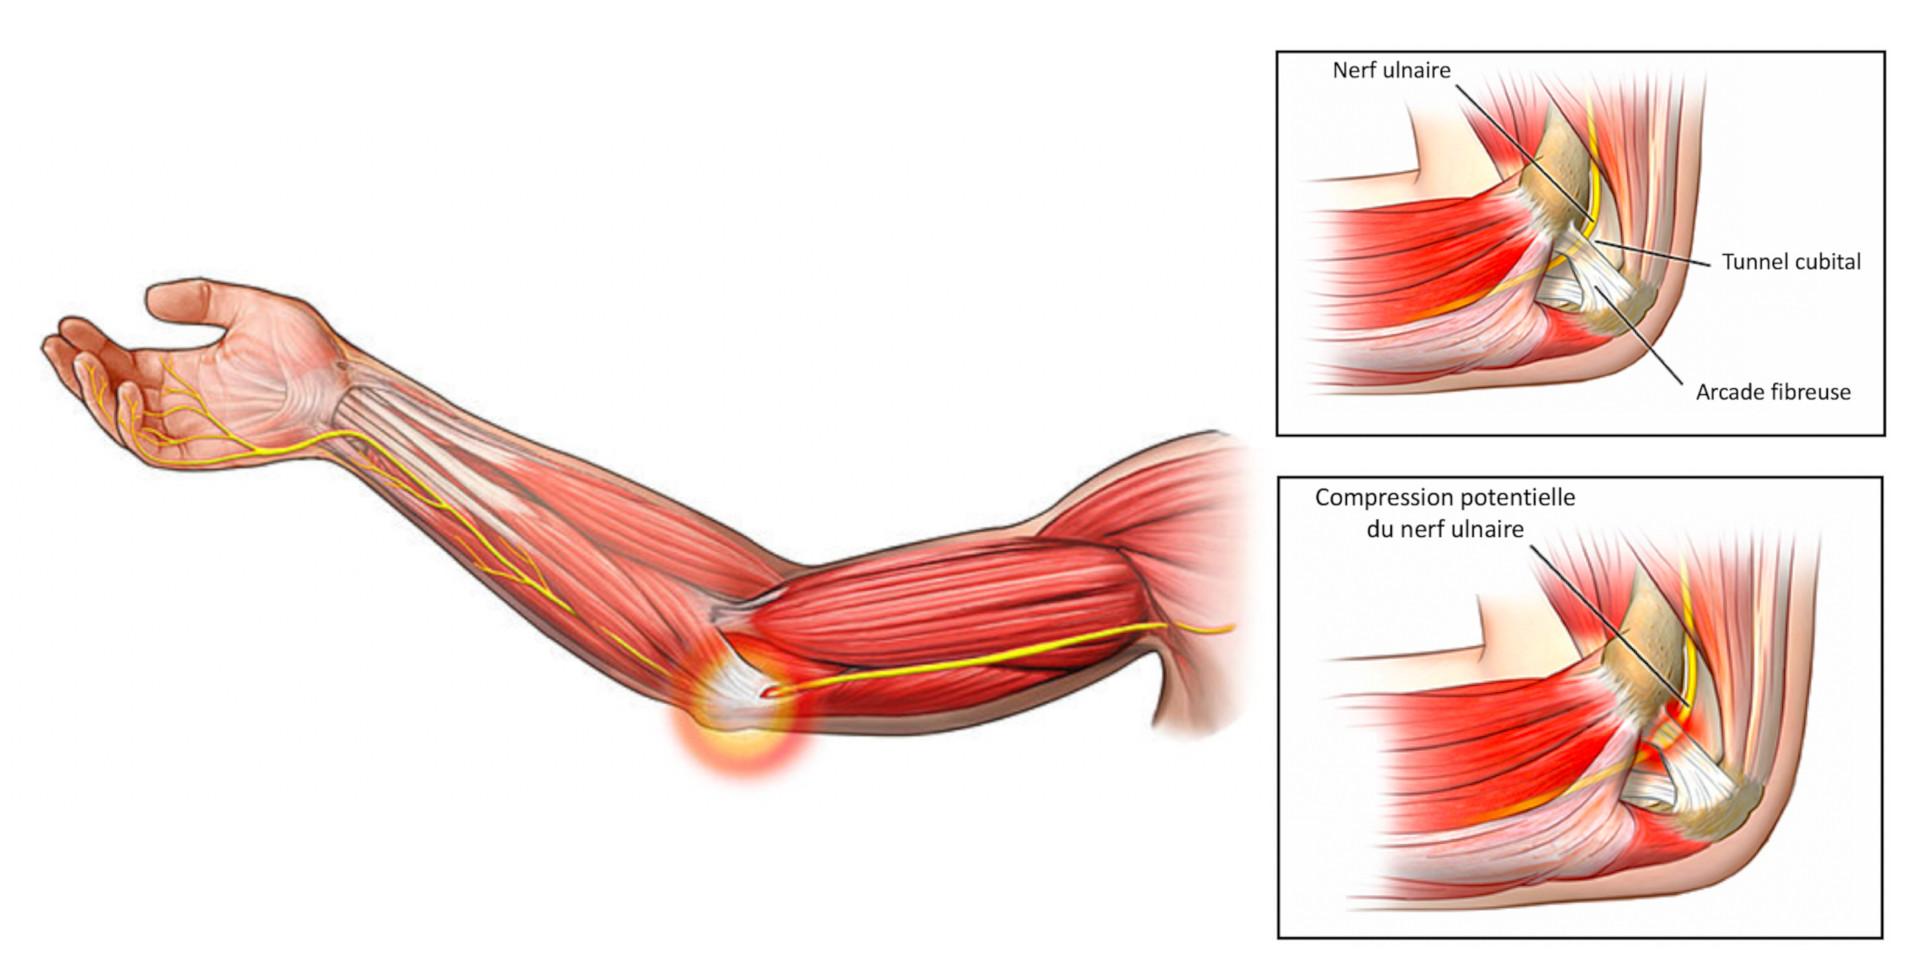 Anatomie du nerf ulnaire